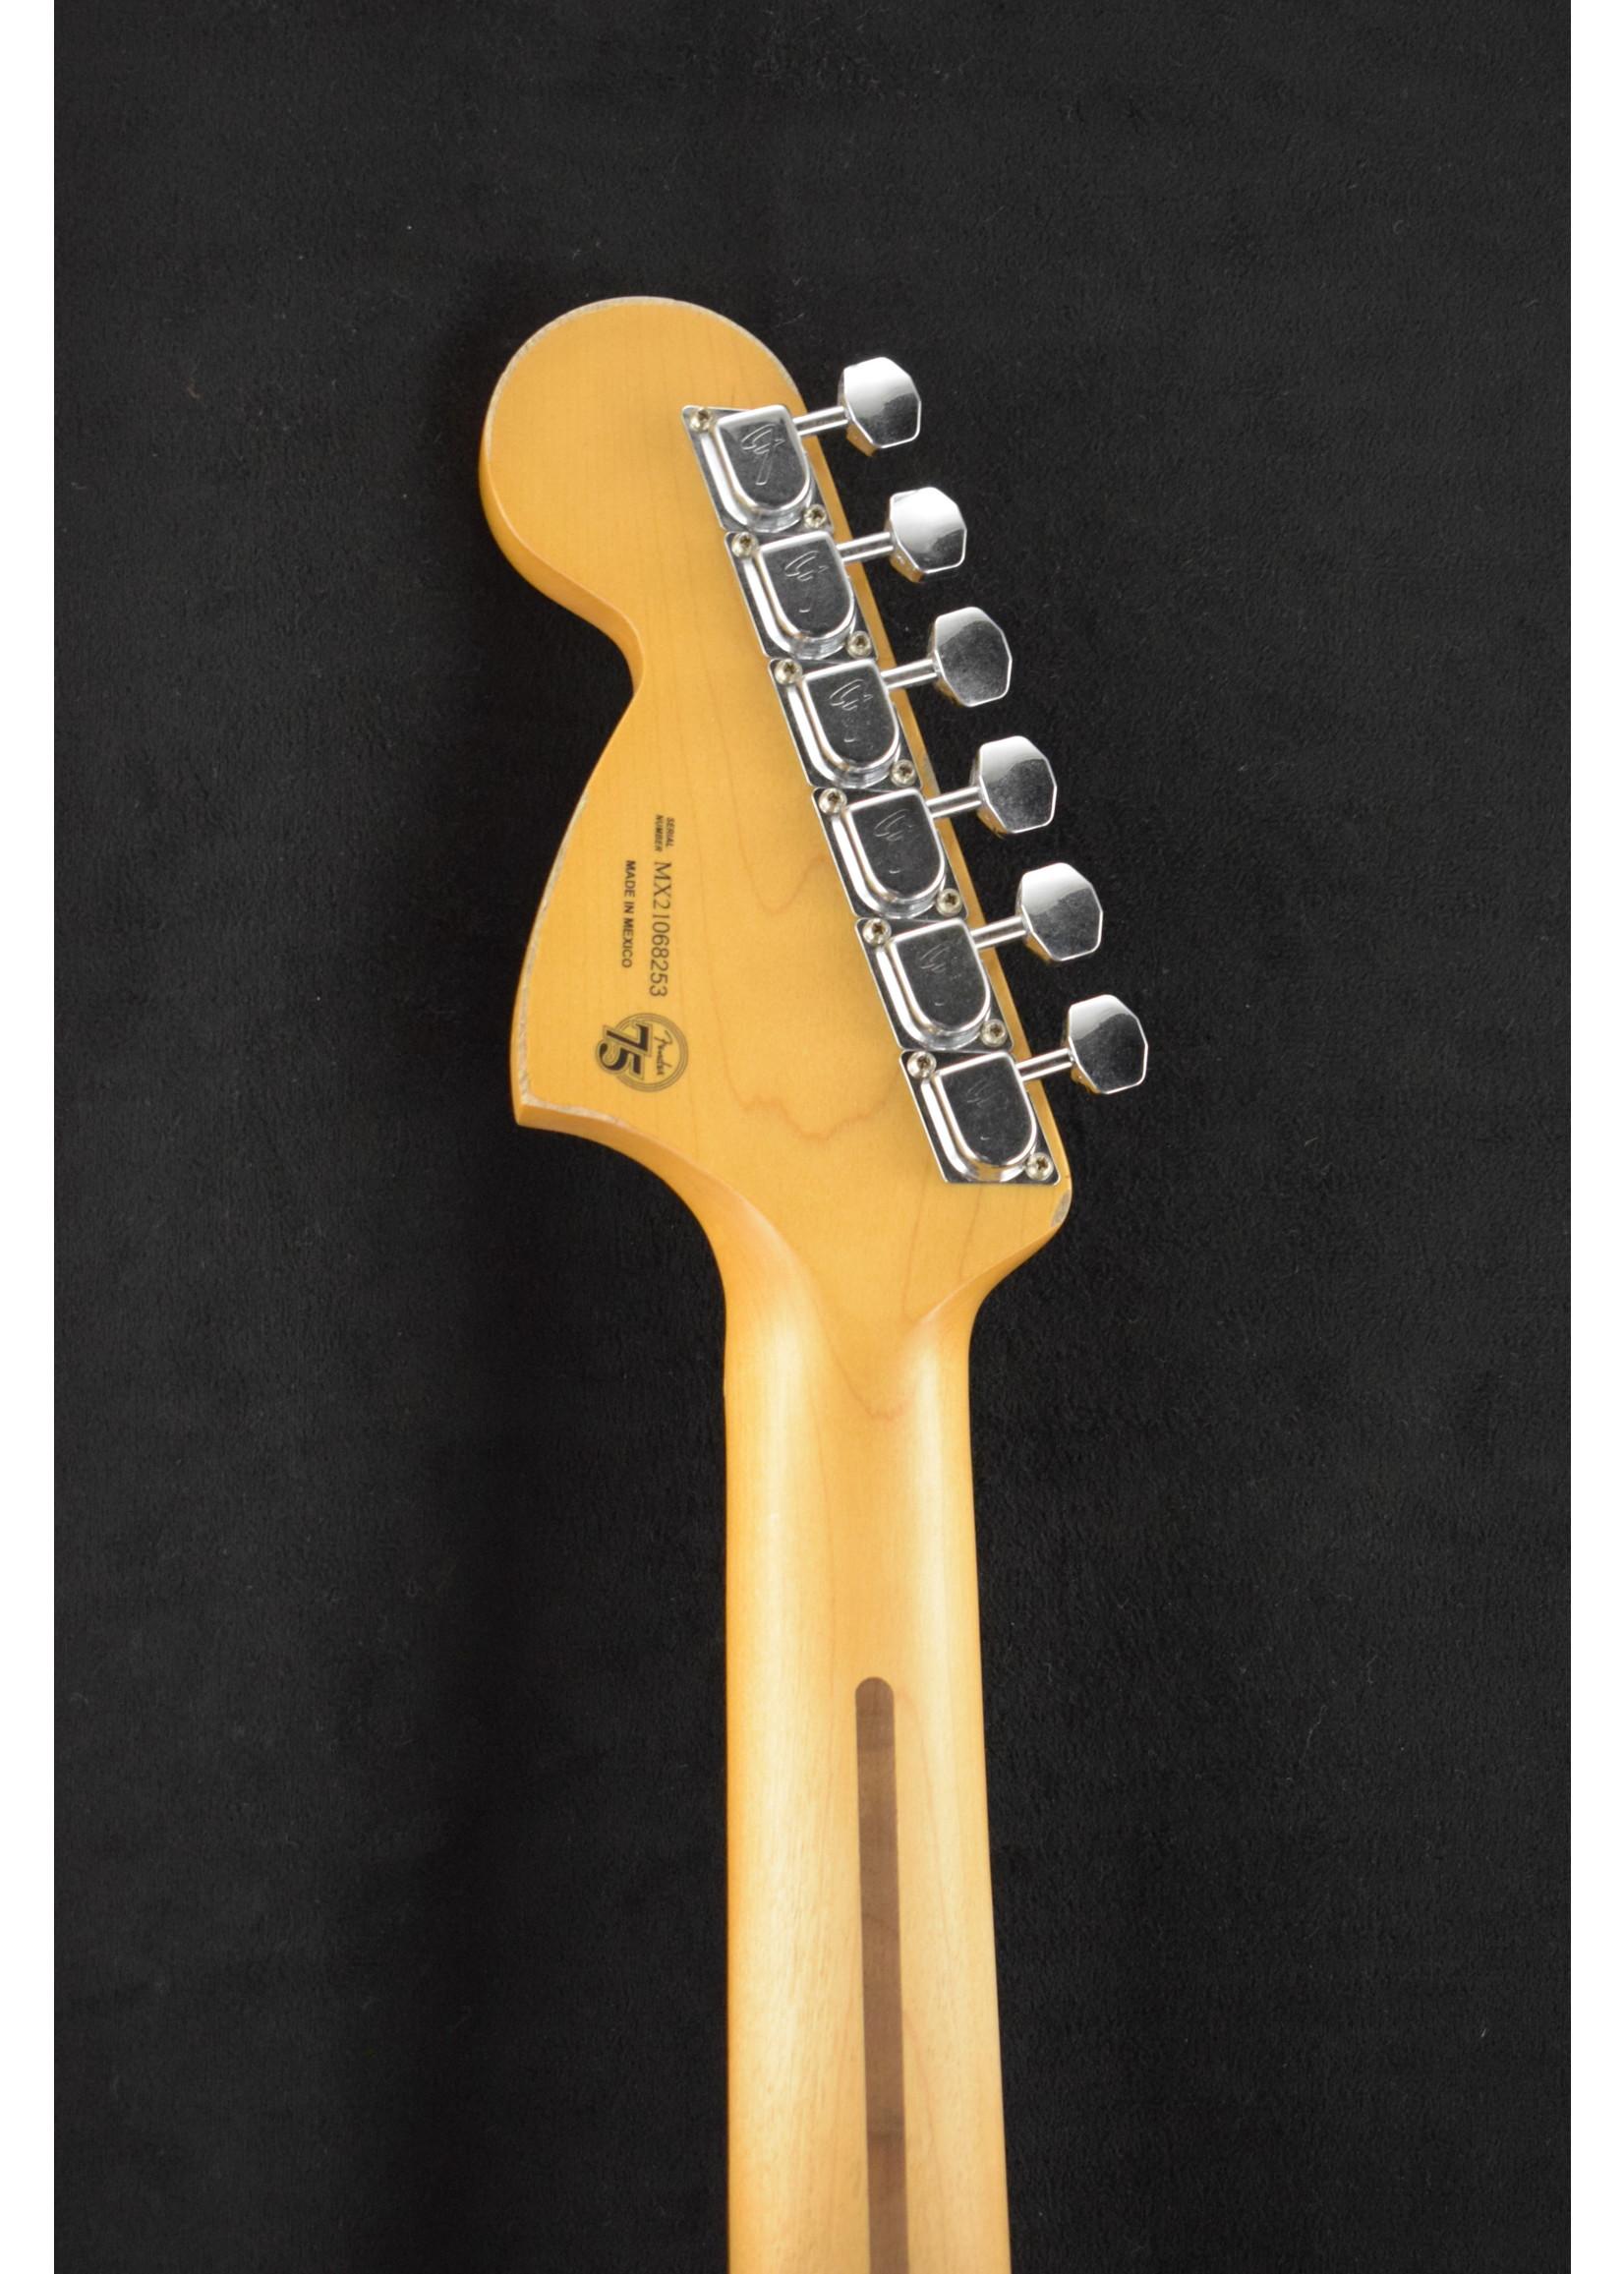 Fender Fender Vintera Road Worn '70s Telecaster Deluxe Olympic White